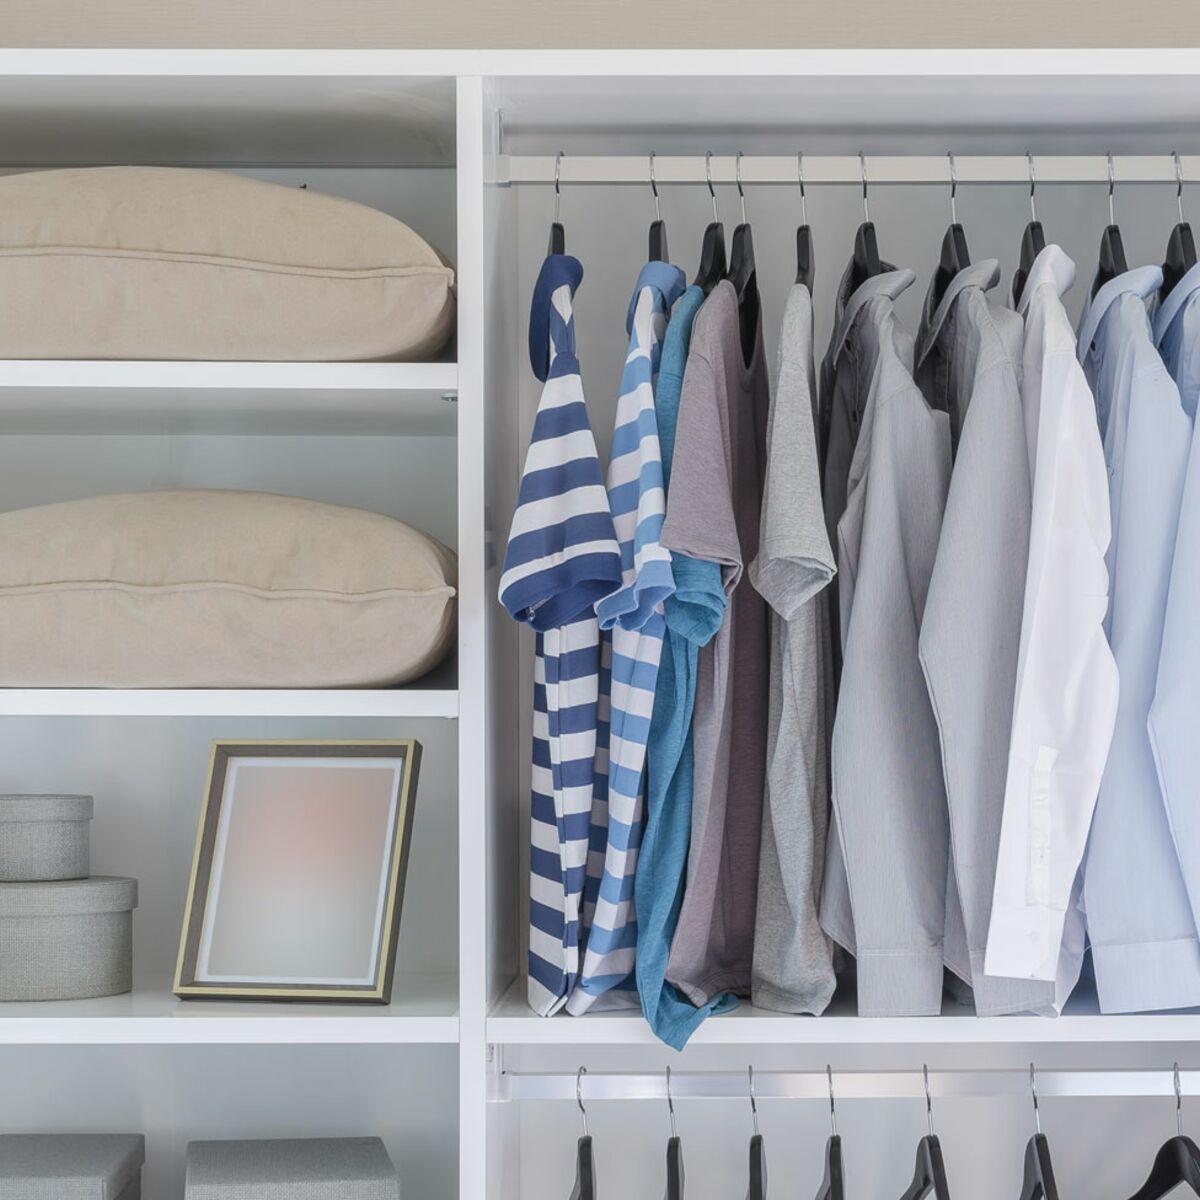 Comment Faire Un Dressing Sois Meme dressing pas cher : nos astuces pour économiser : femme